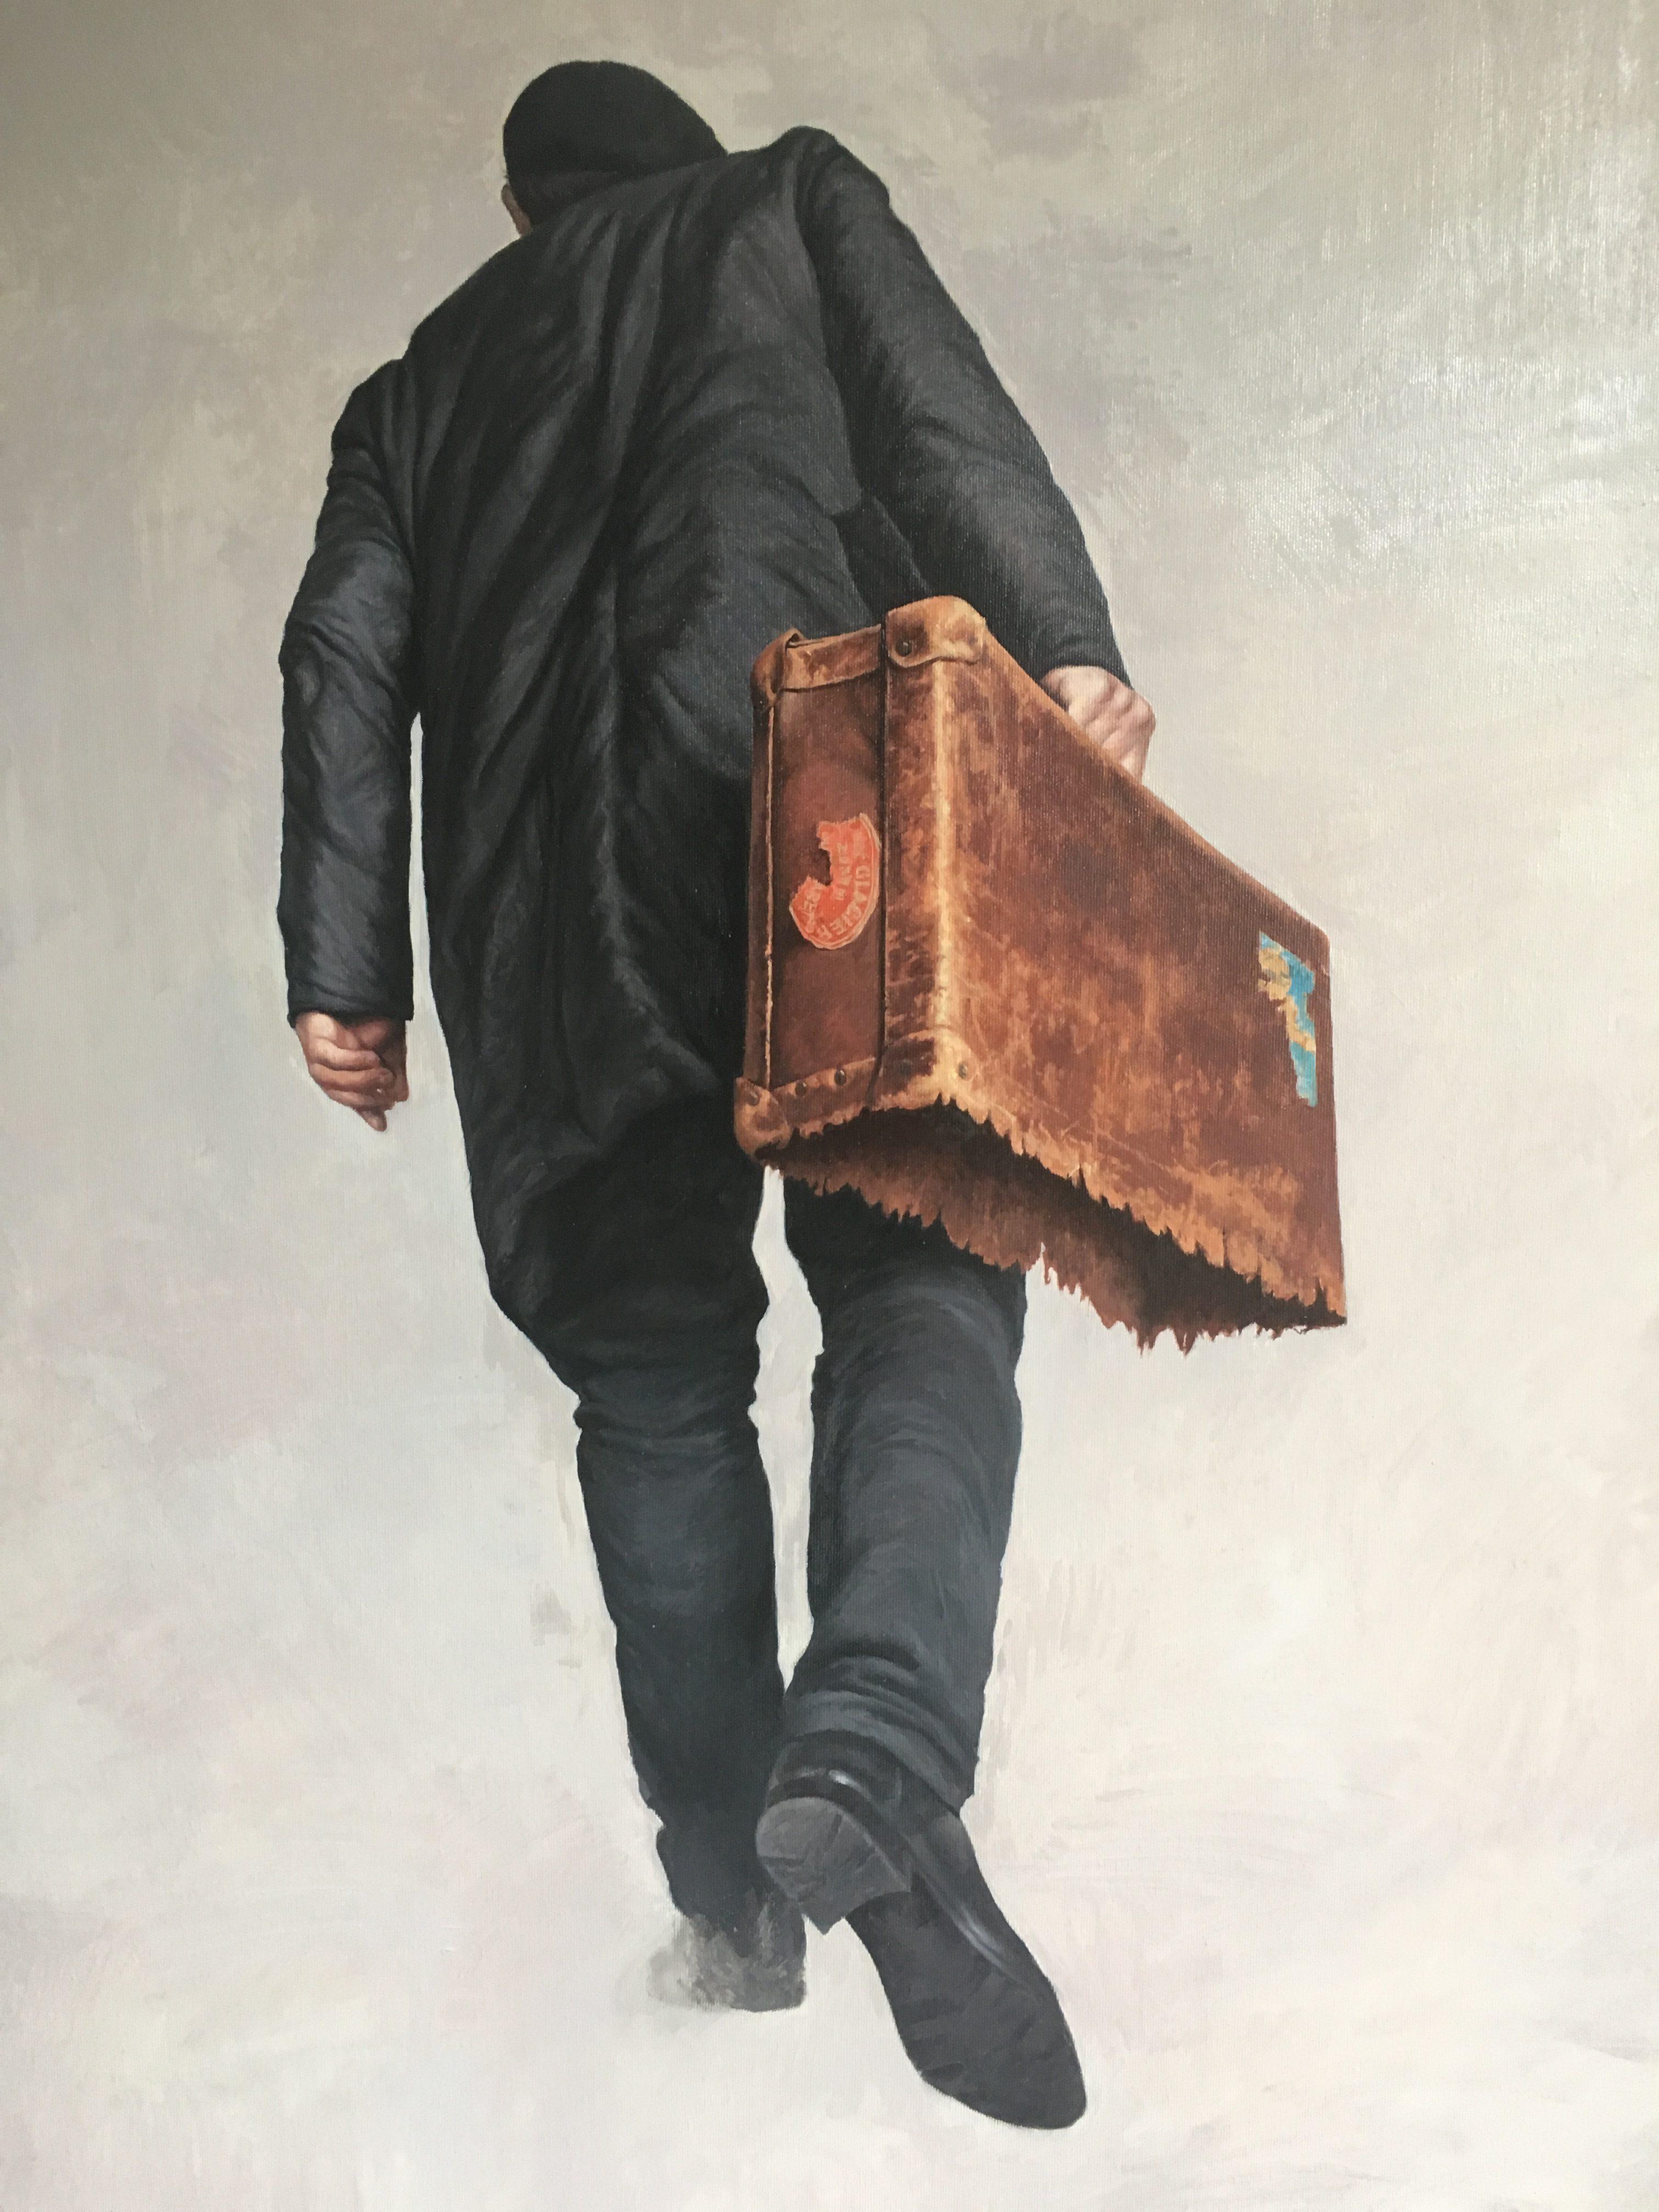 'Immigration' Agim Sulaj oil on canvas, 120cm x 80cm